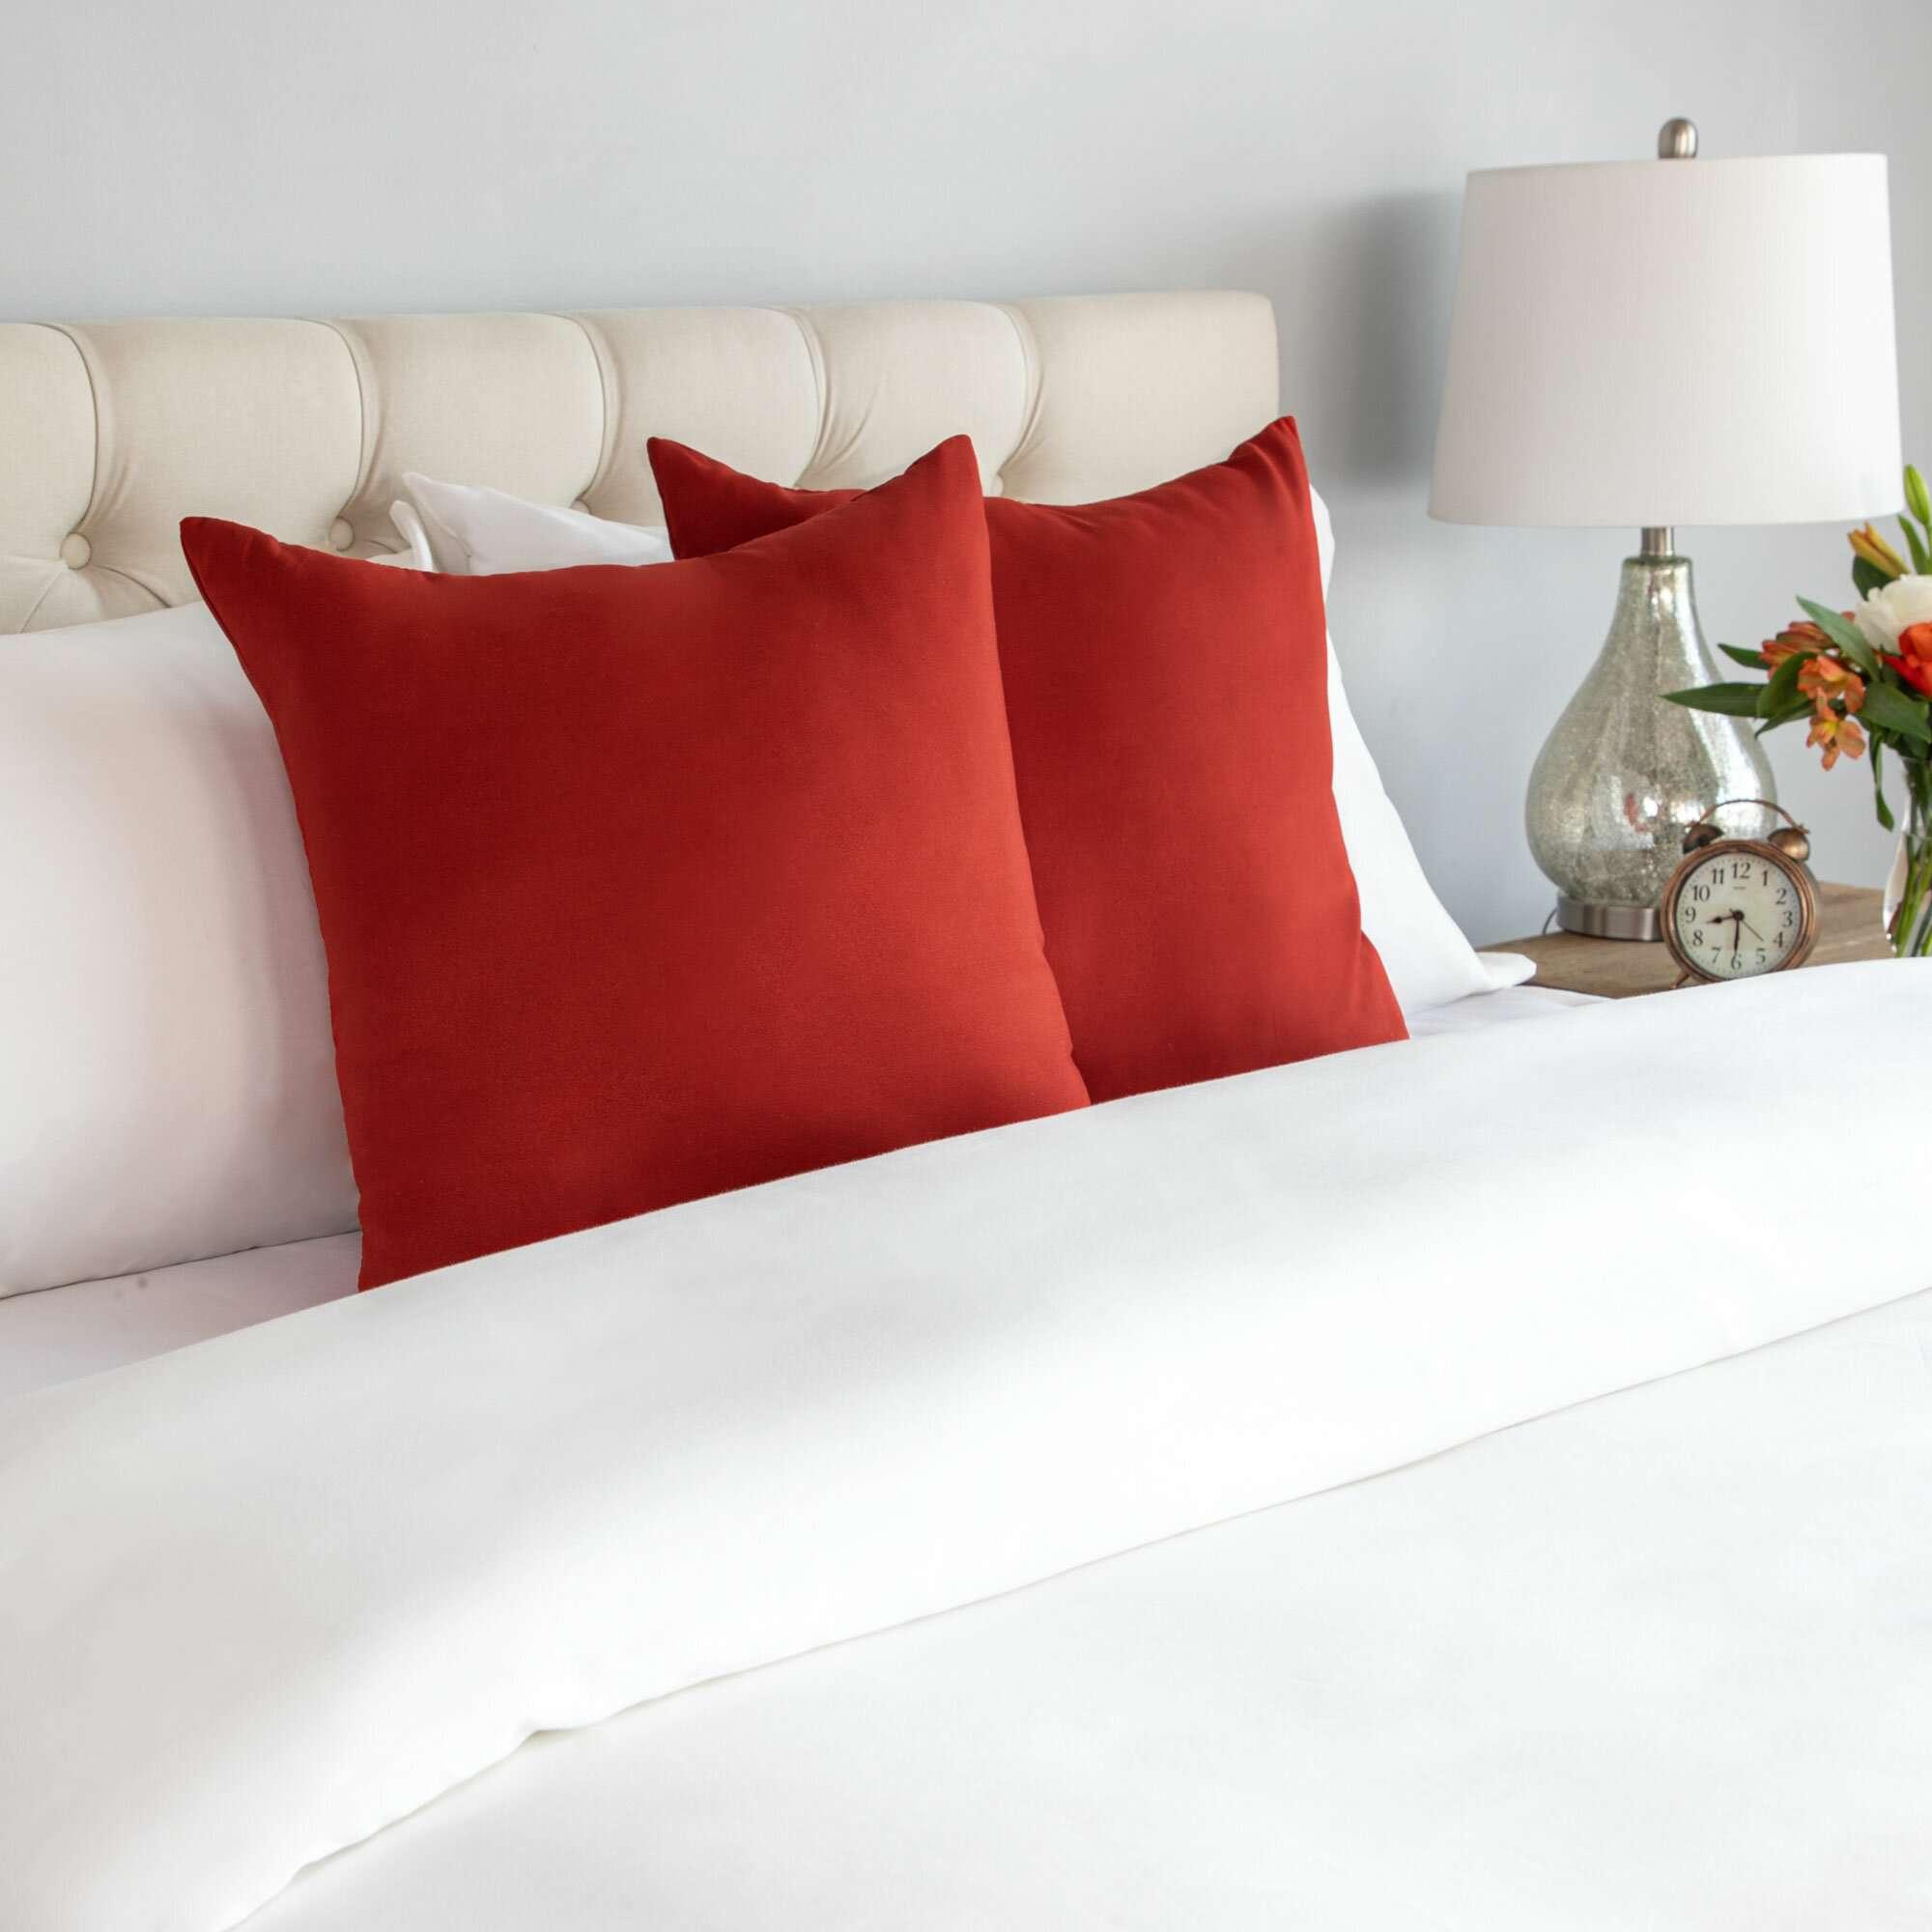 Wayfair Basics Square Throw Pillow, Set of 2